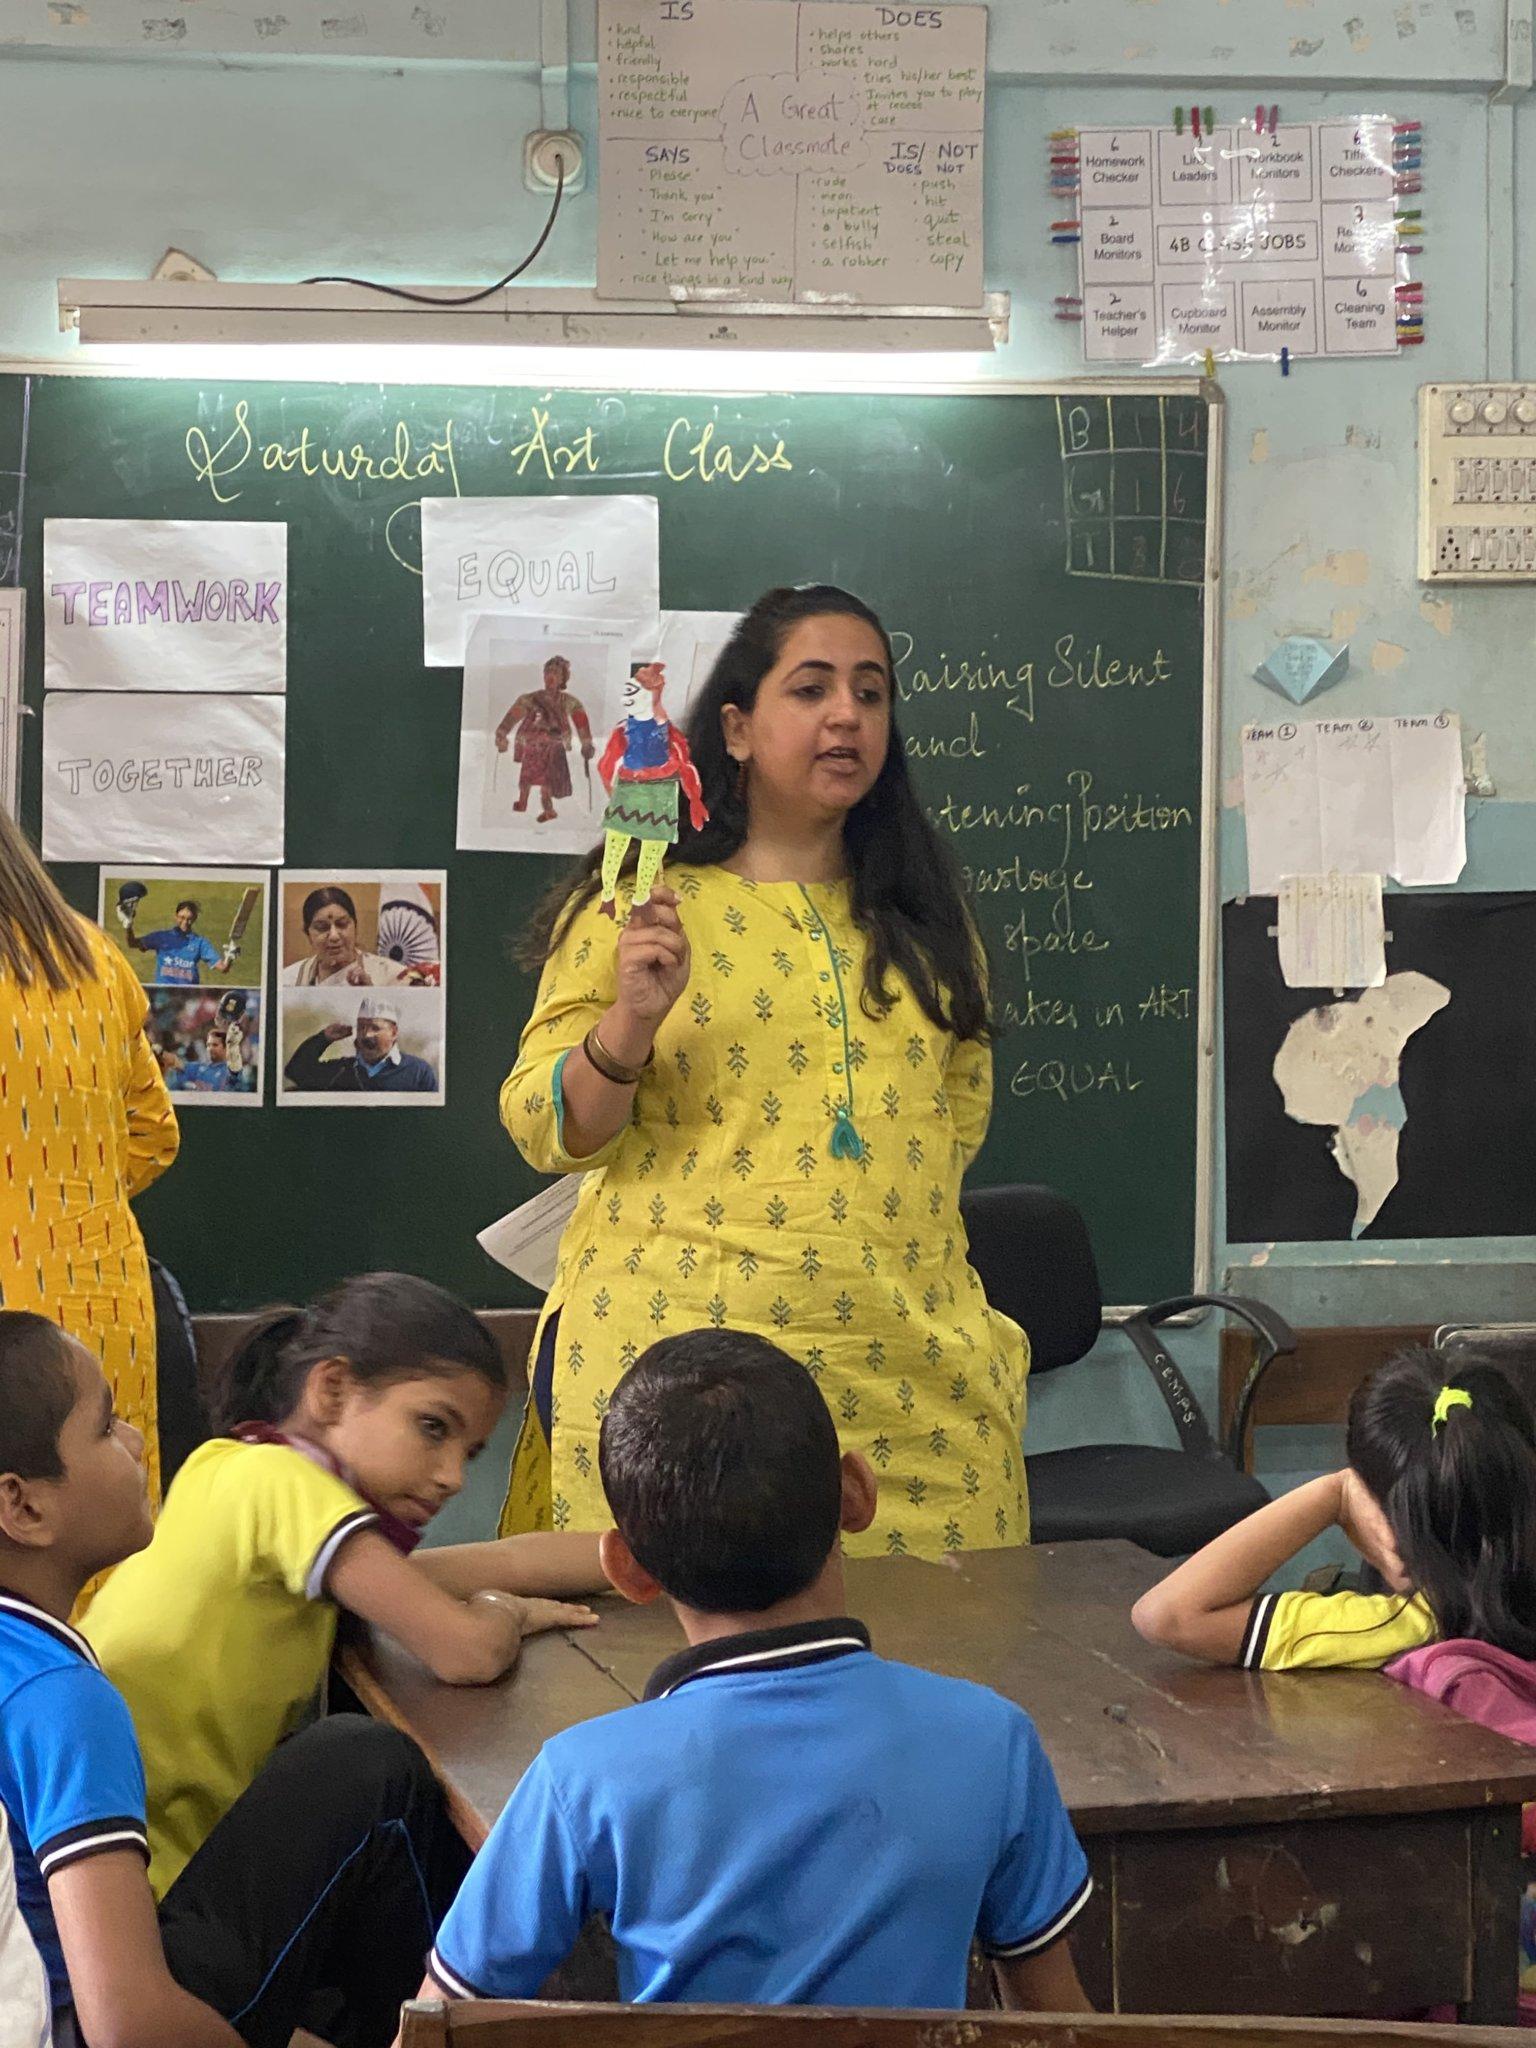 Saturday Art Class - Tholu Bommalaata Workshop - For schools, partnerships, Saturday Art Class, tholu bommalaata, Tholu workshop, Workshops